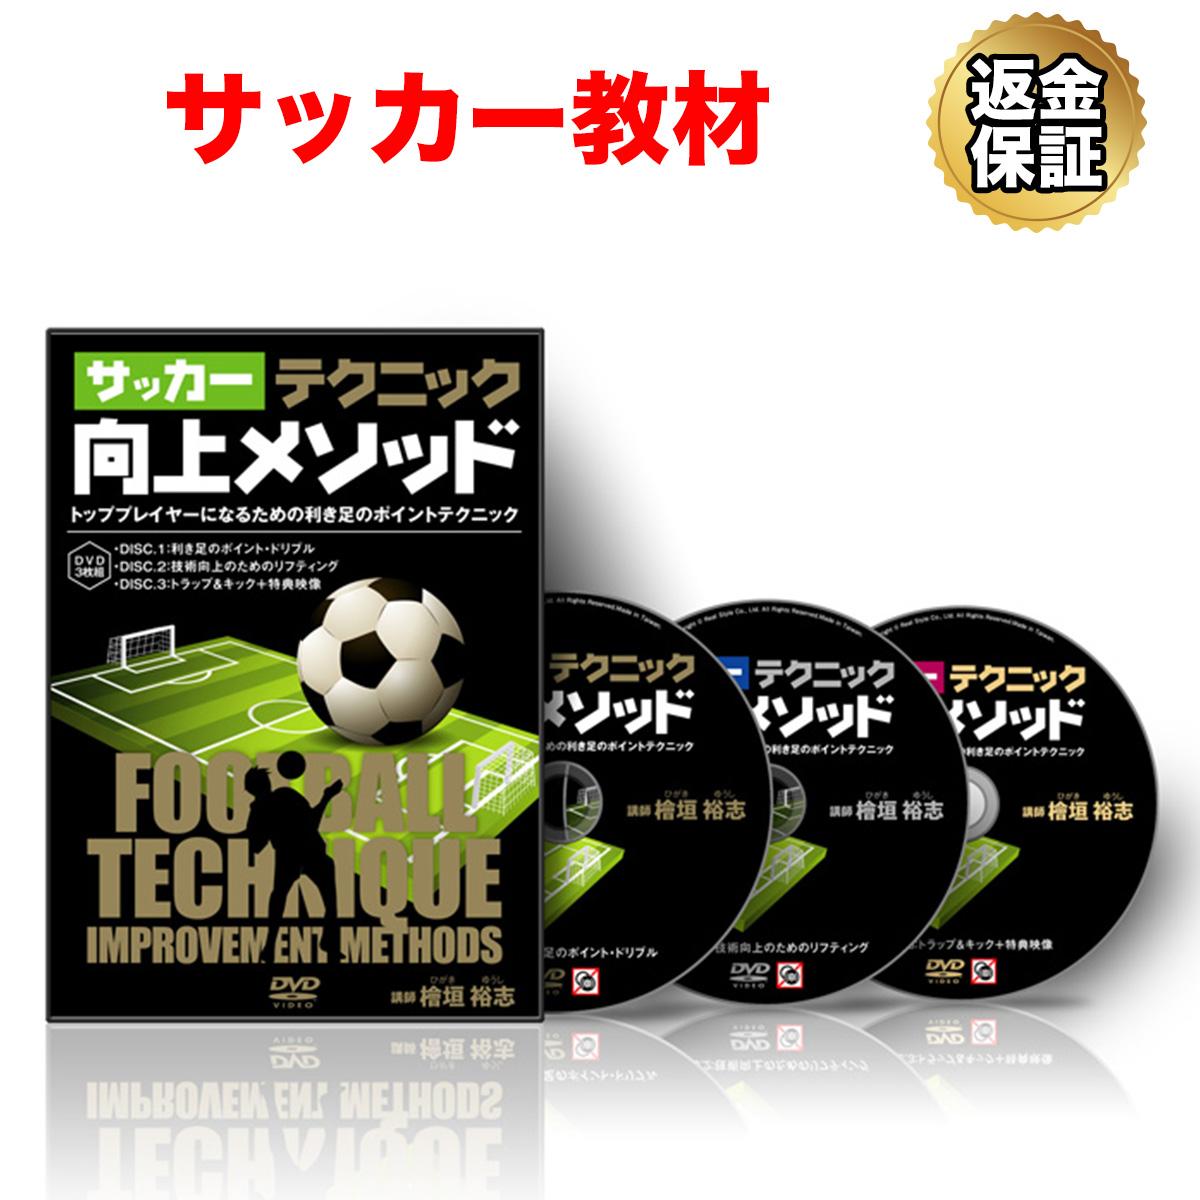 【サッカー】サッカーテクニック向上メソッド